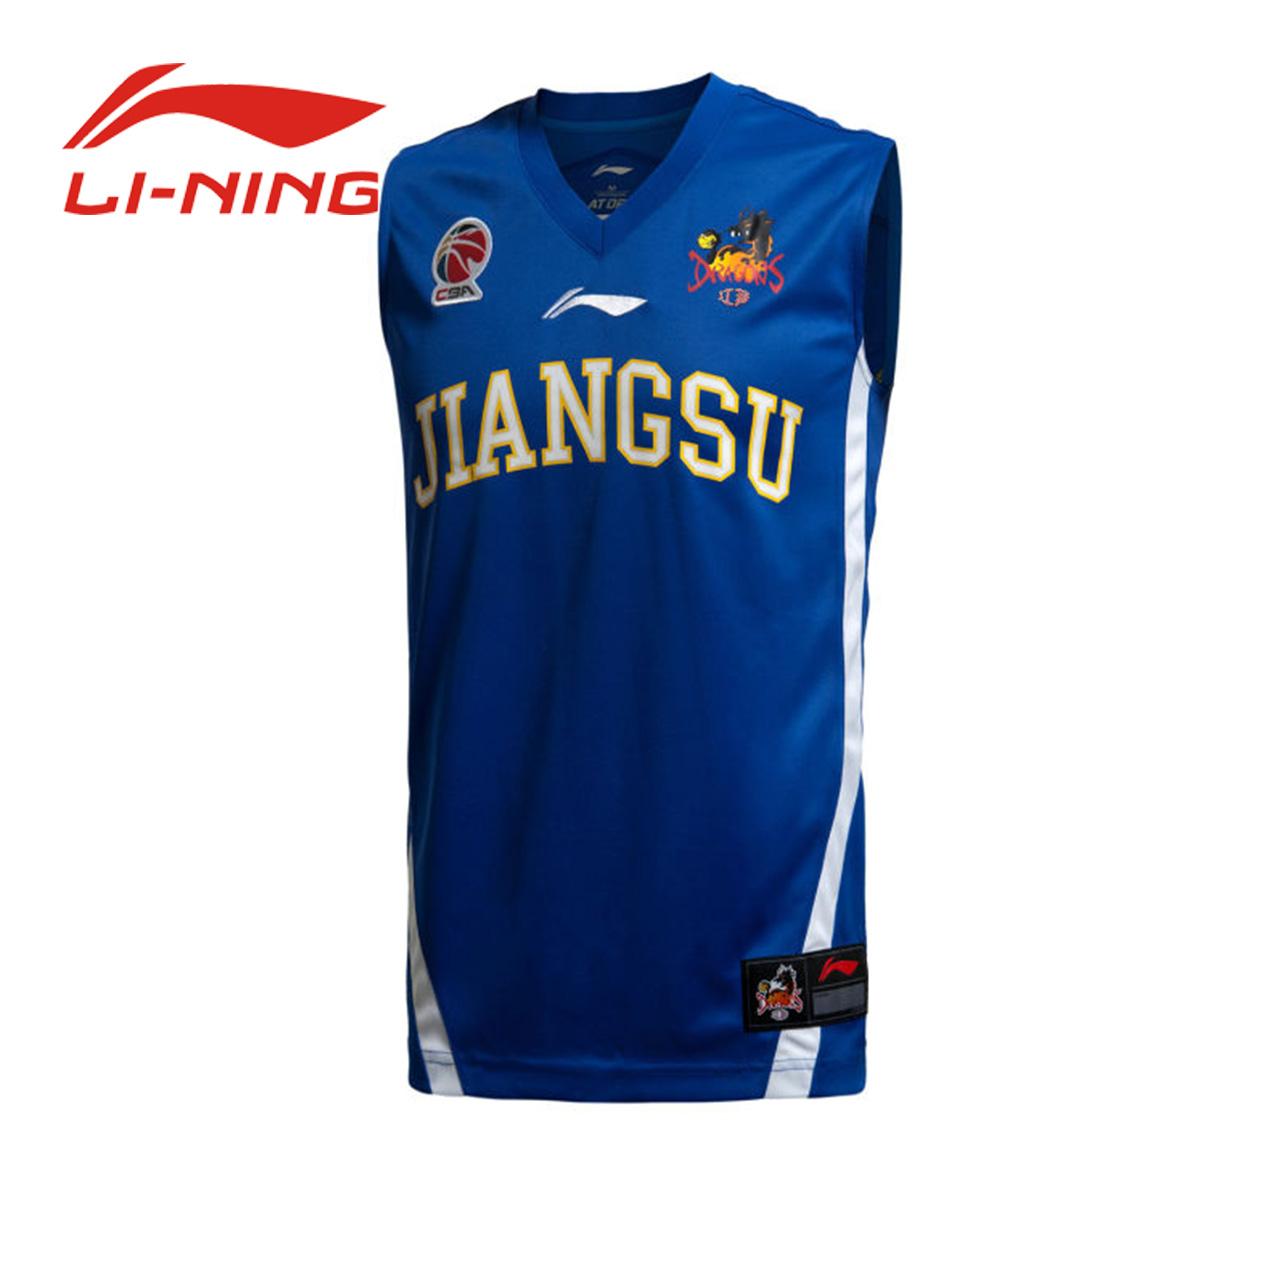 李寧籃球服背心男春 比賽服籃球背心無袖比賽 服A